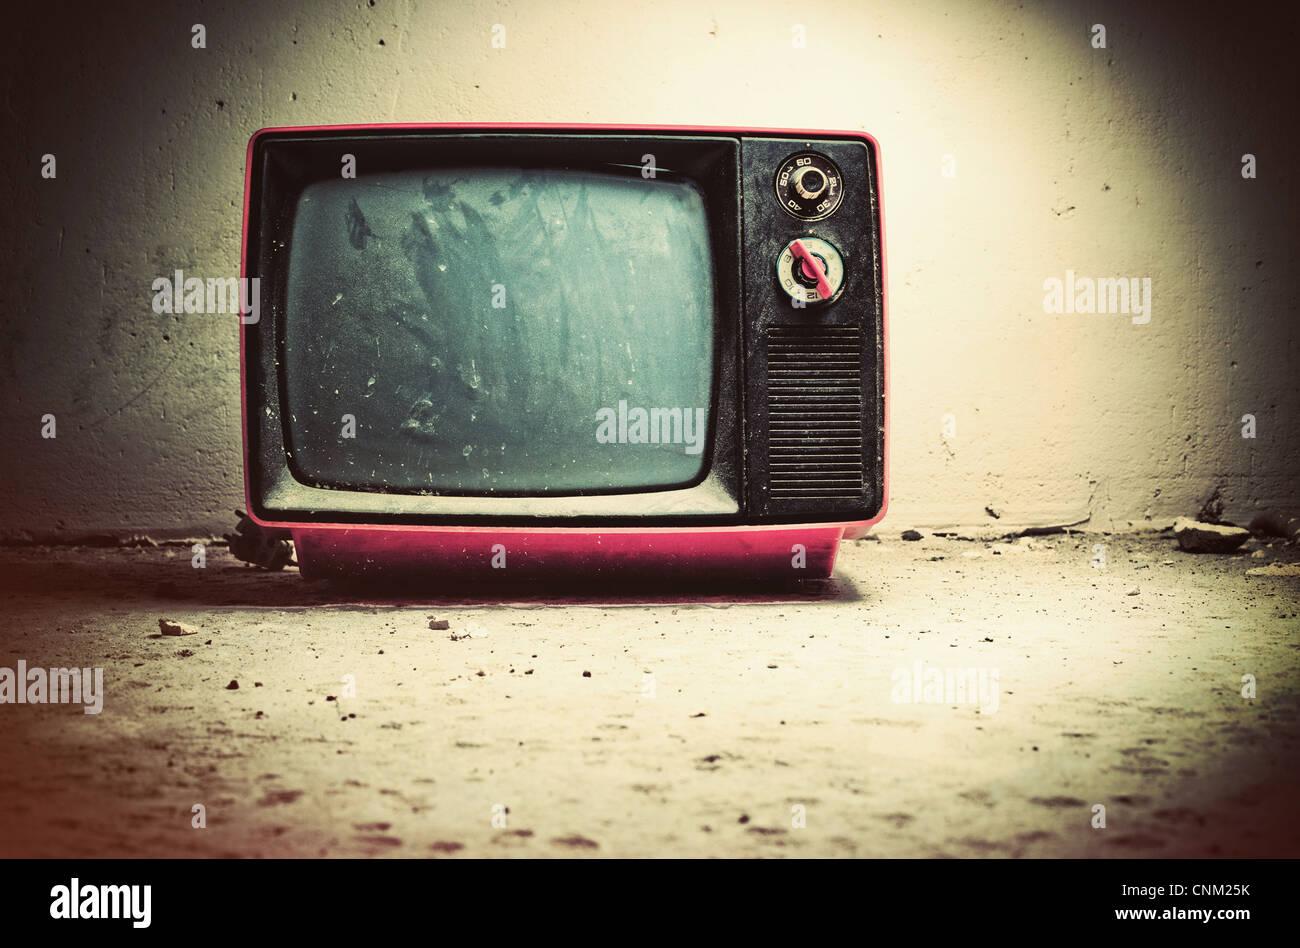 Viejo televisor en la habitación. Colores de estilo retro. Imagen De Stock